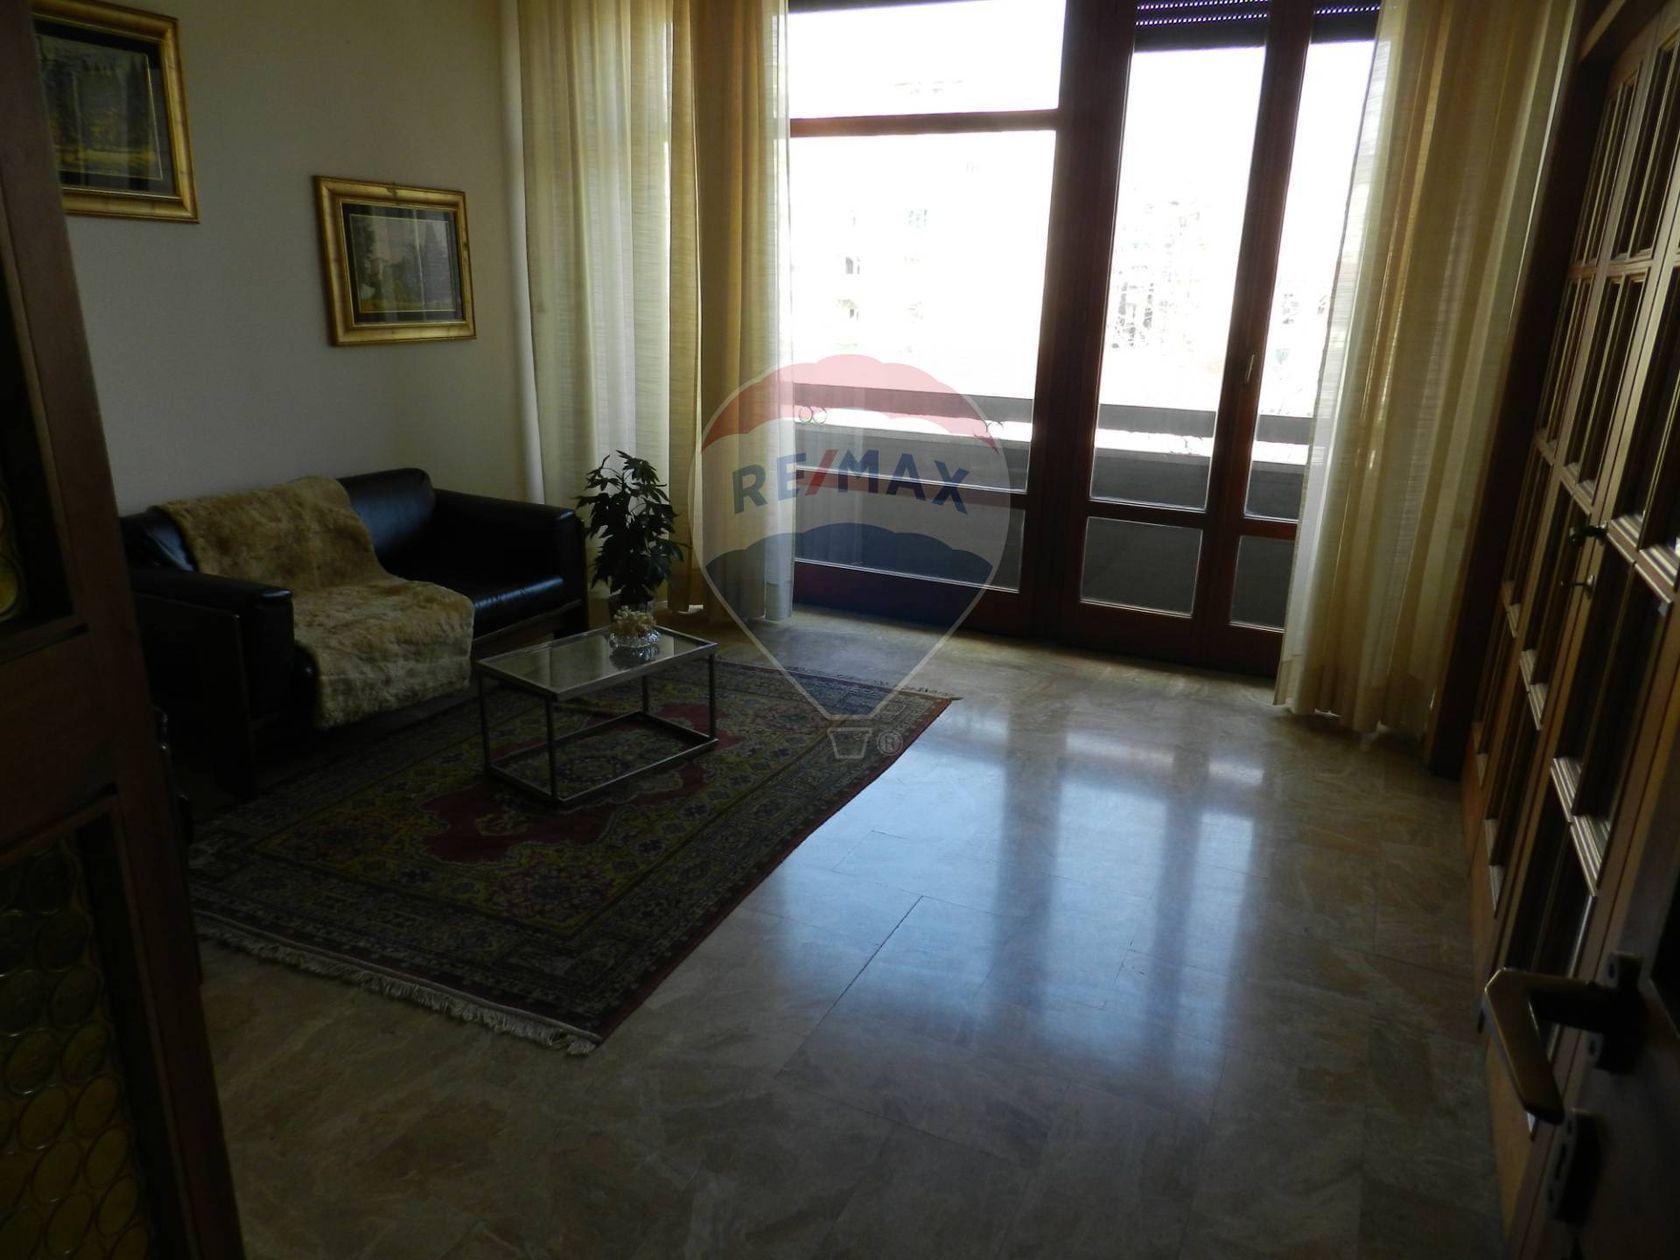 Appartamento Firenze - Porta A Prato San Jacopino Fortezza, Firenze, FI Vendita - Foto 2